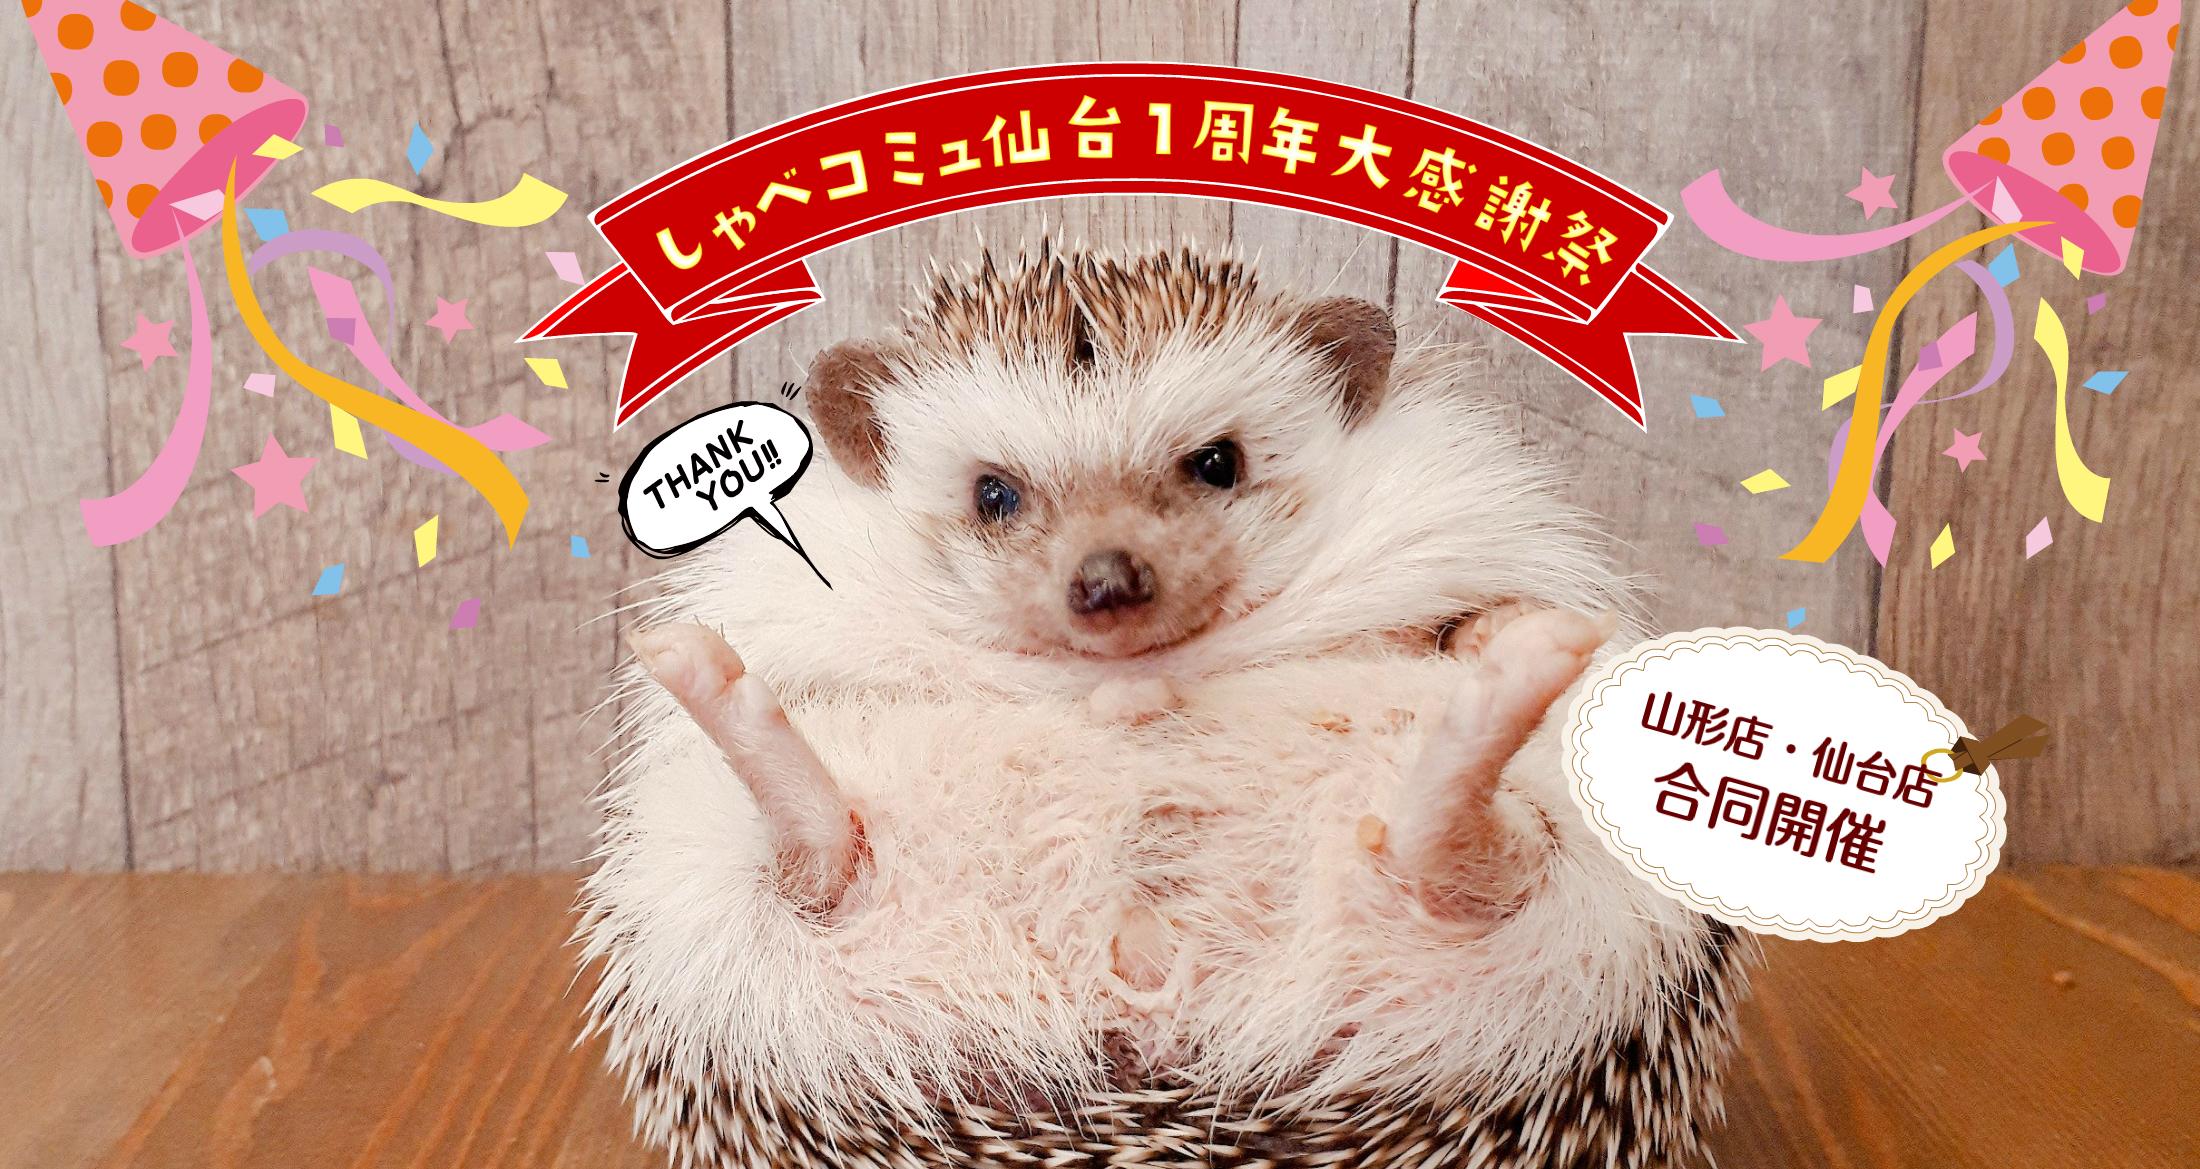 しゃべコミュ仙台1周年大感謝祭